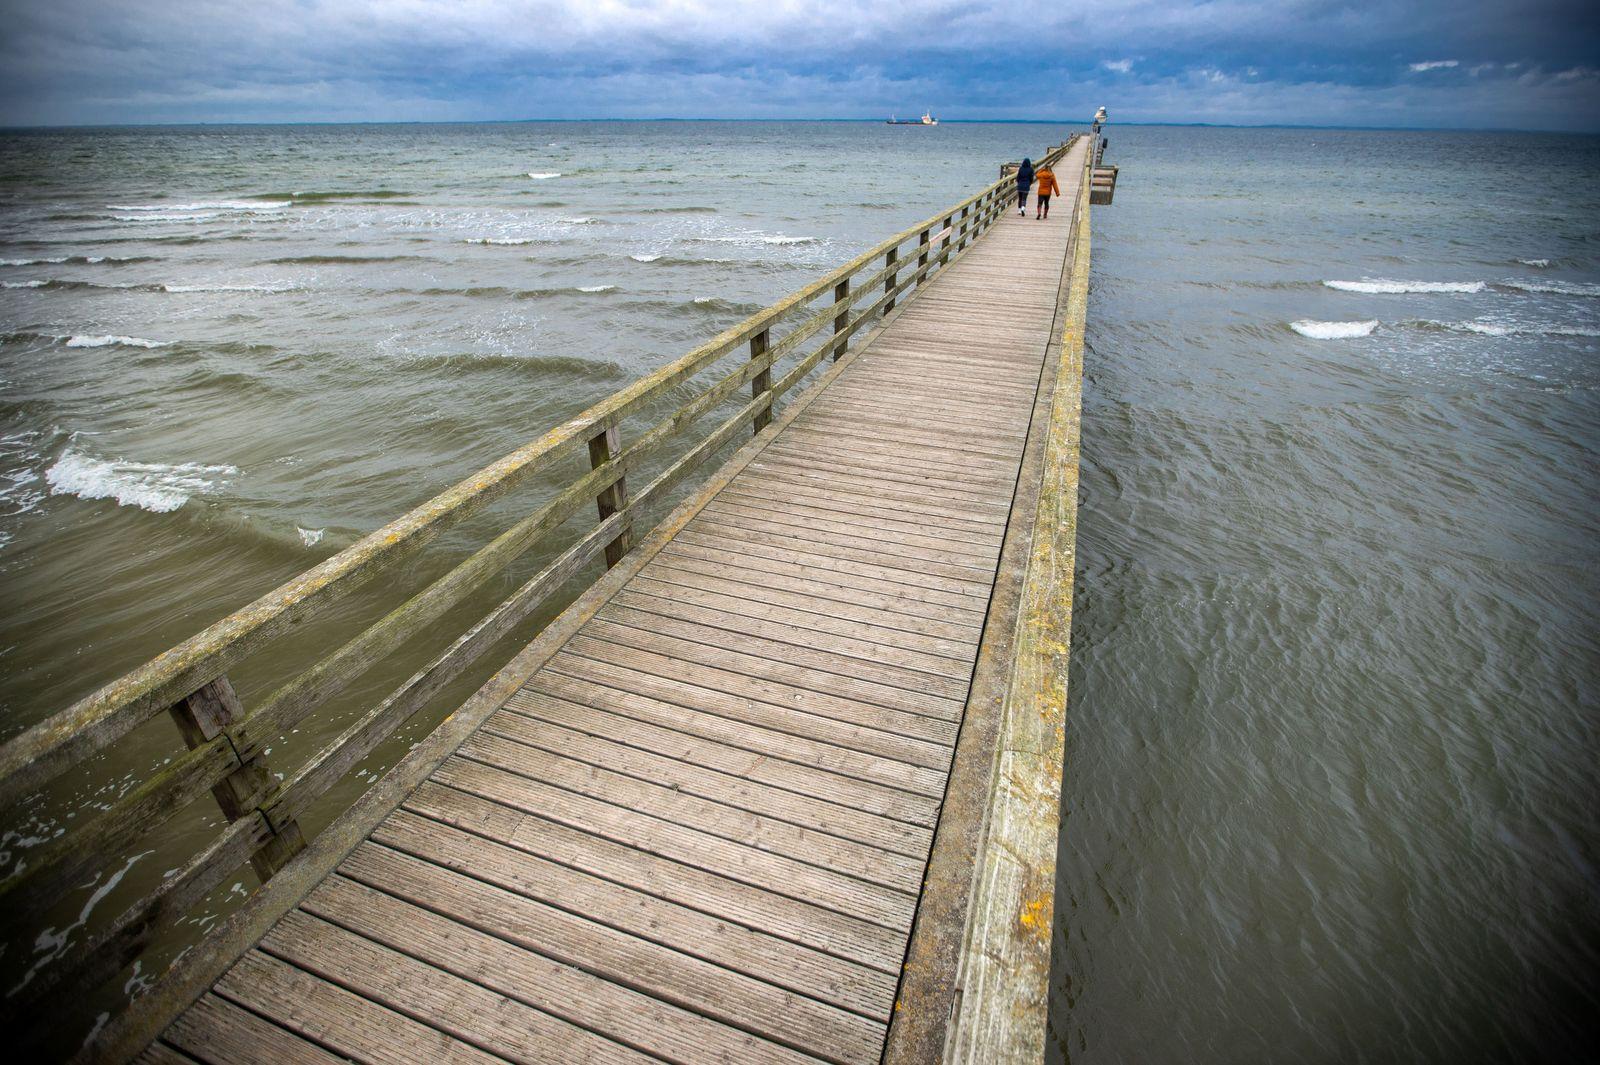 Herbstwetter an der Ostsee